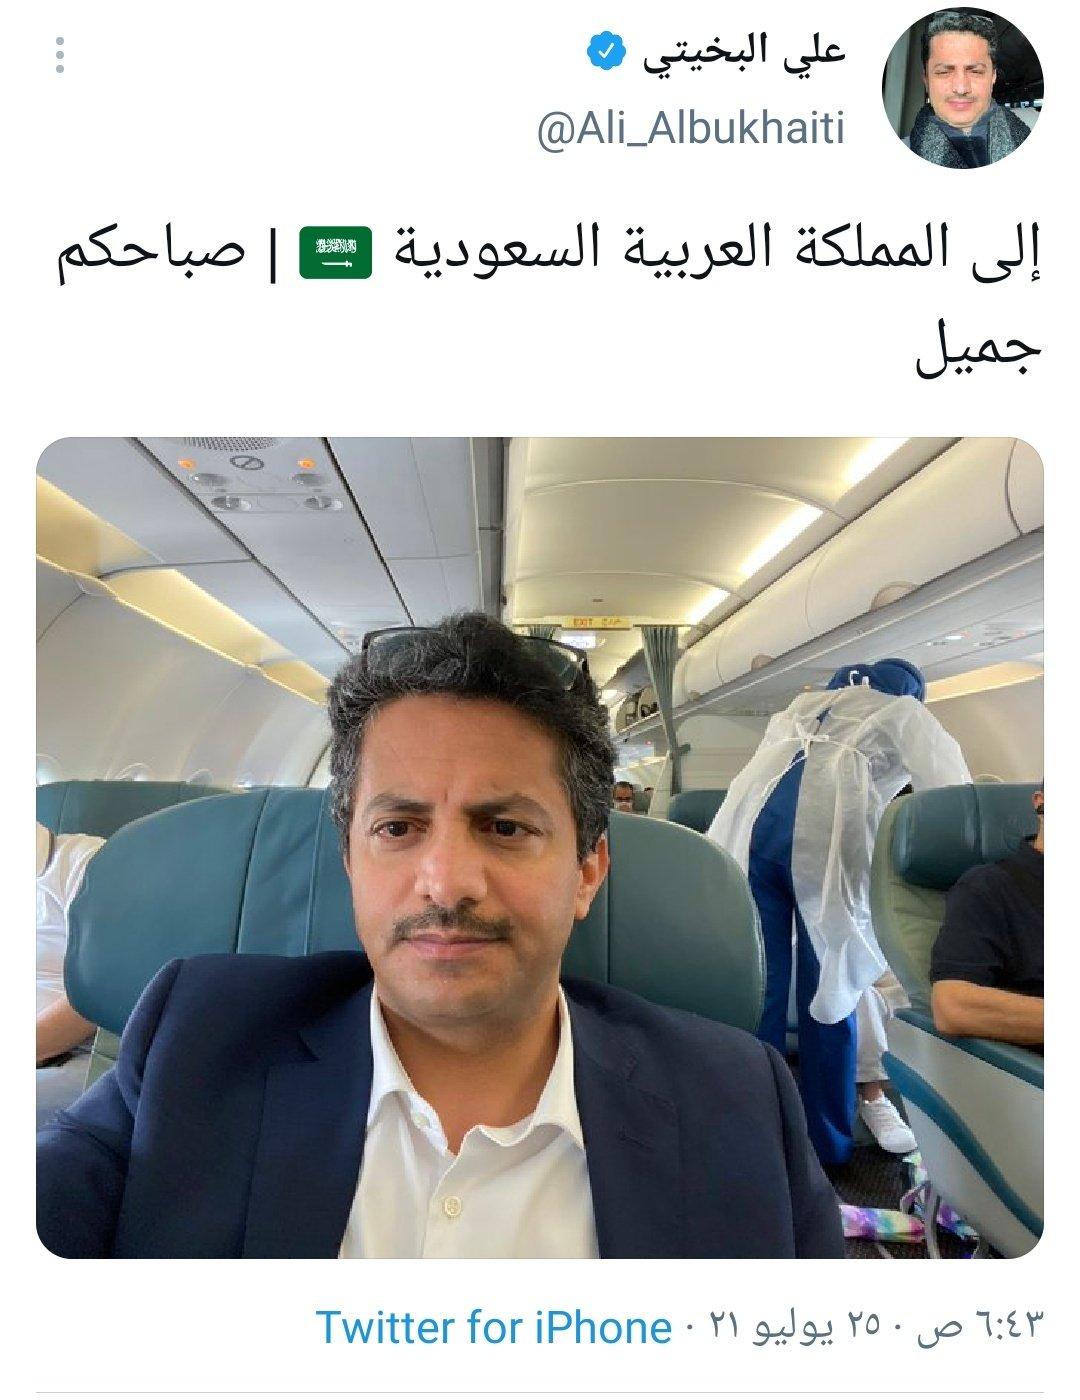 في زيارة مفاجئة .. البخيتي يحزم حقائبه ويتوجه إلى الرياض بحماية أمنية سعودية